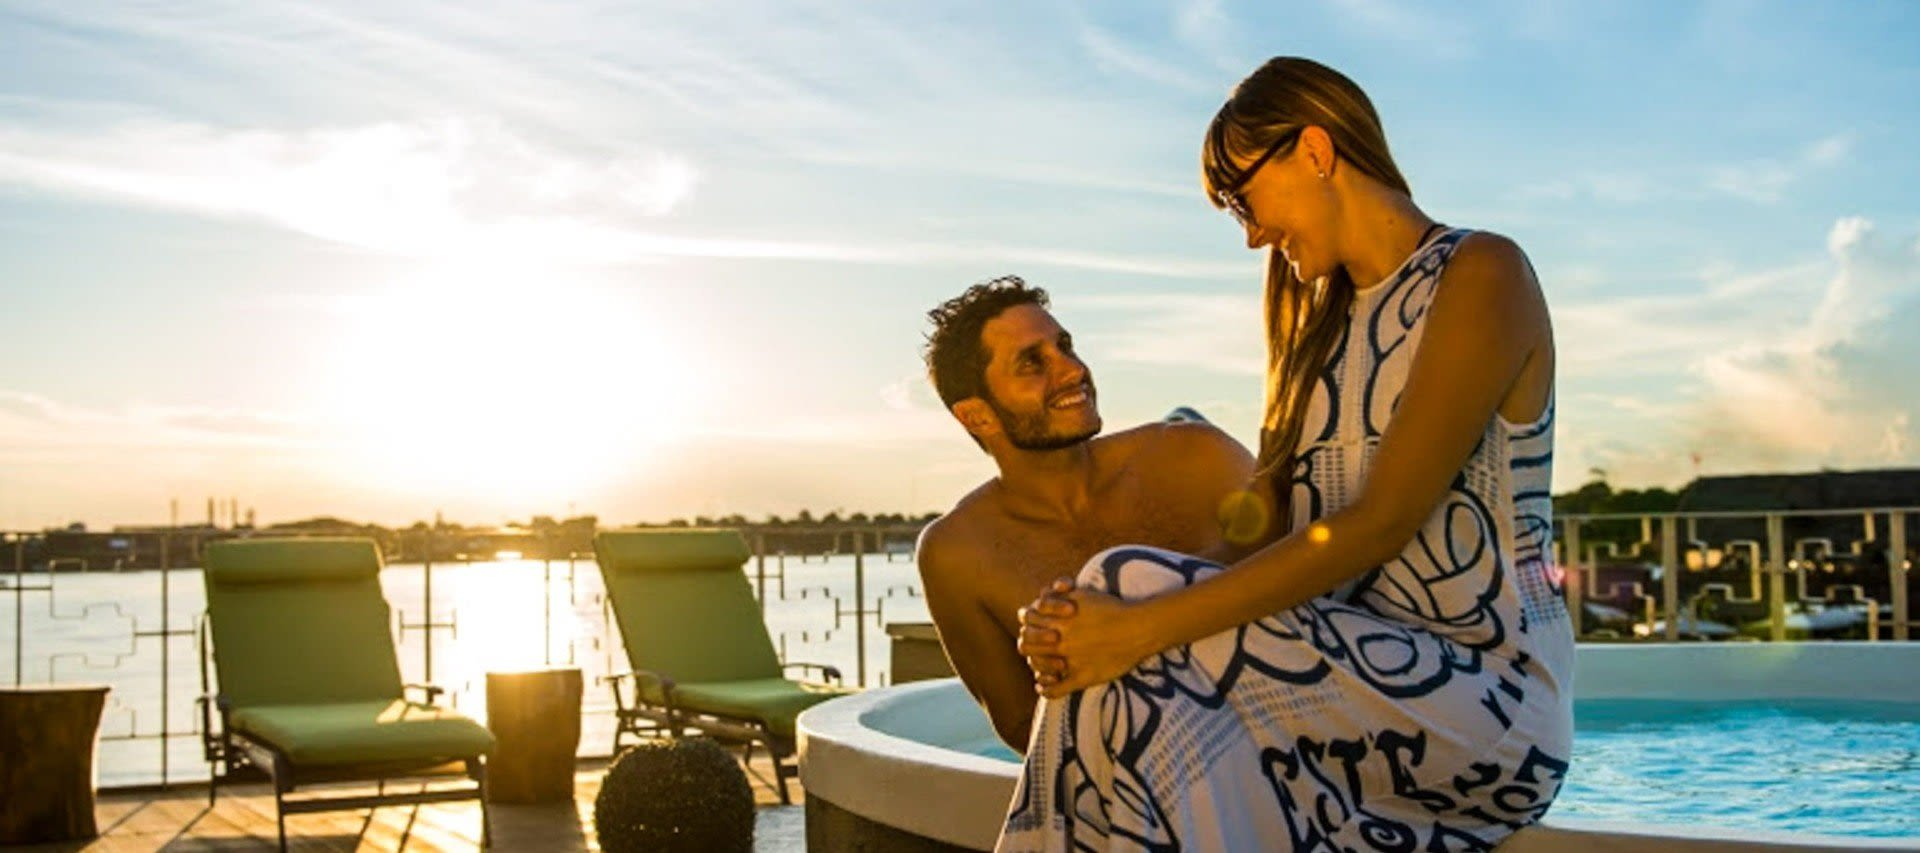 Couple on Amazon honeymoon trip